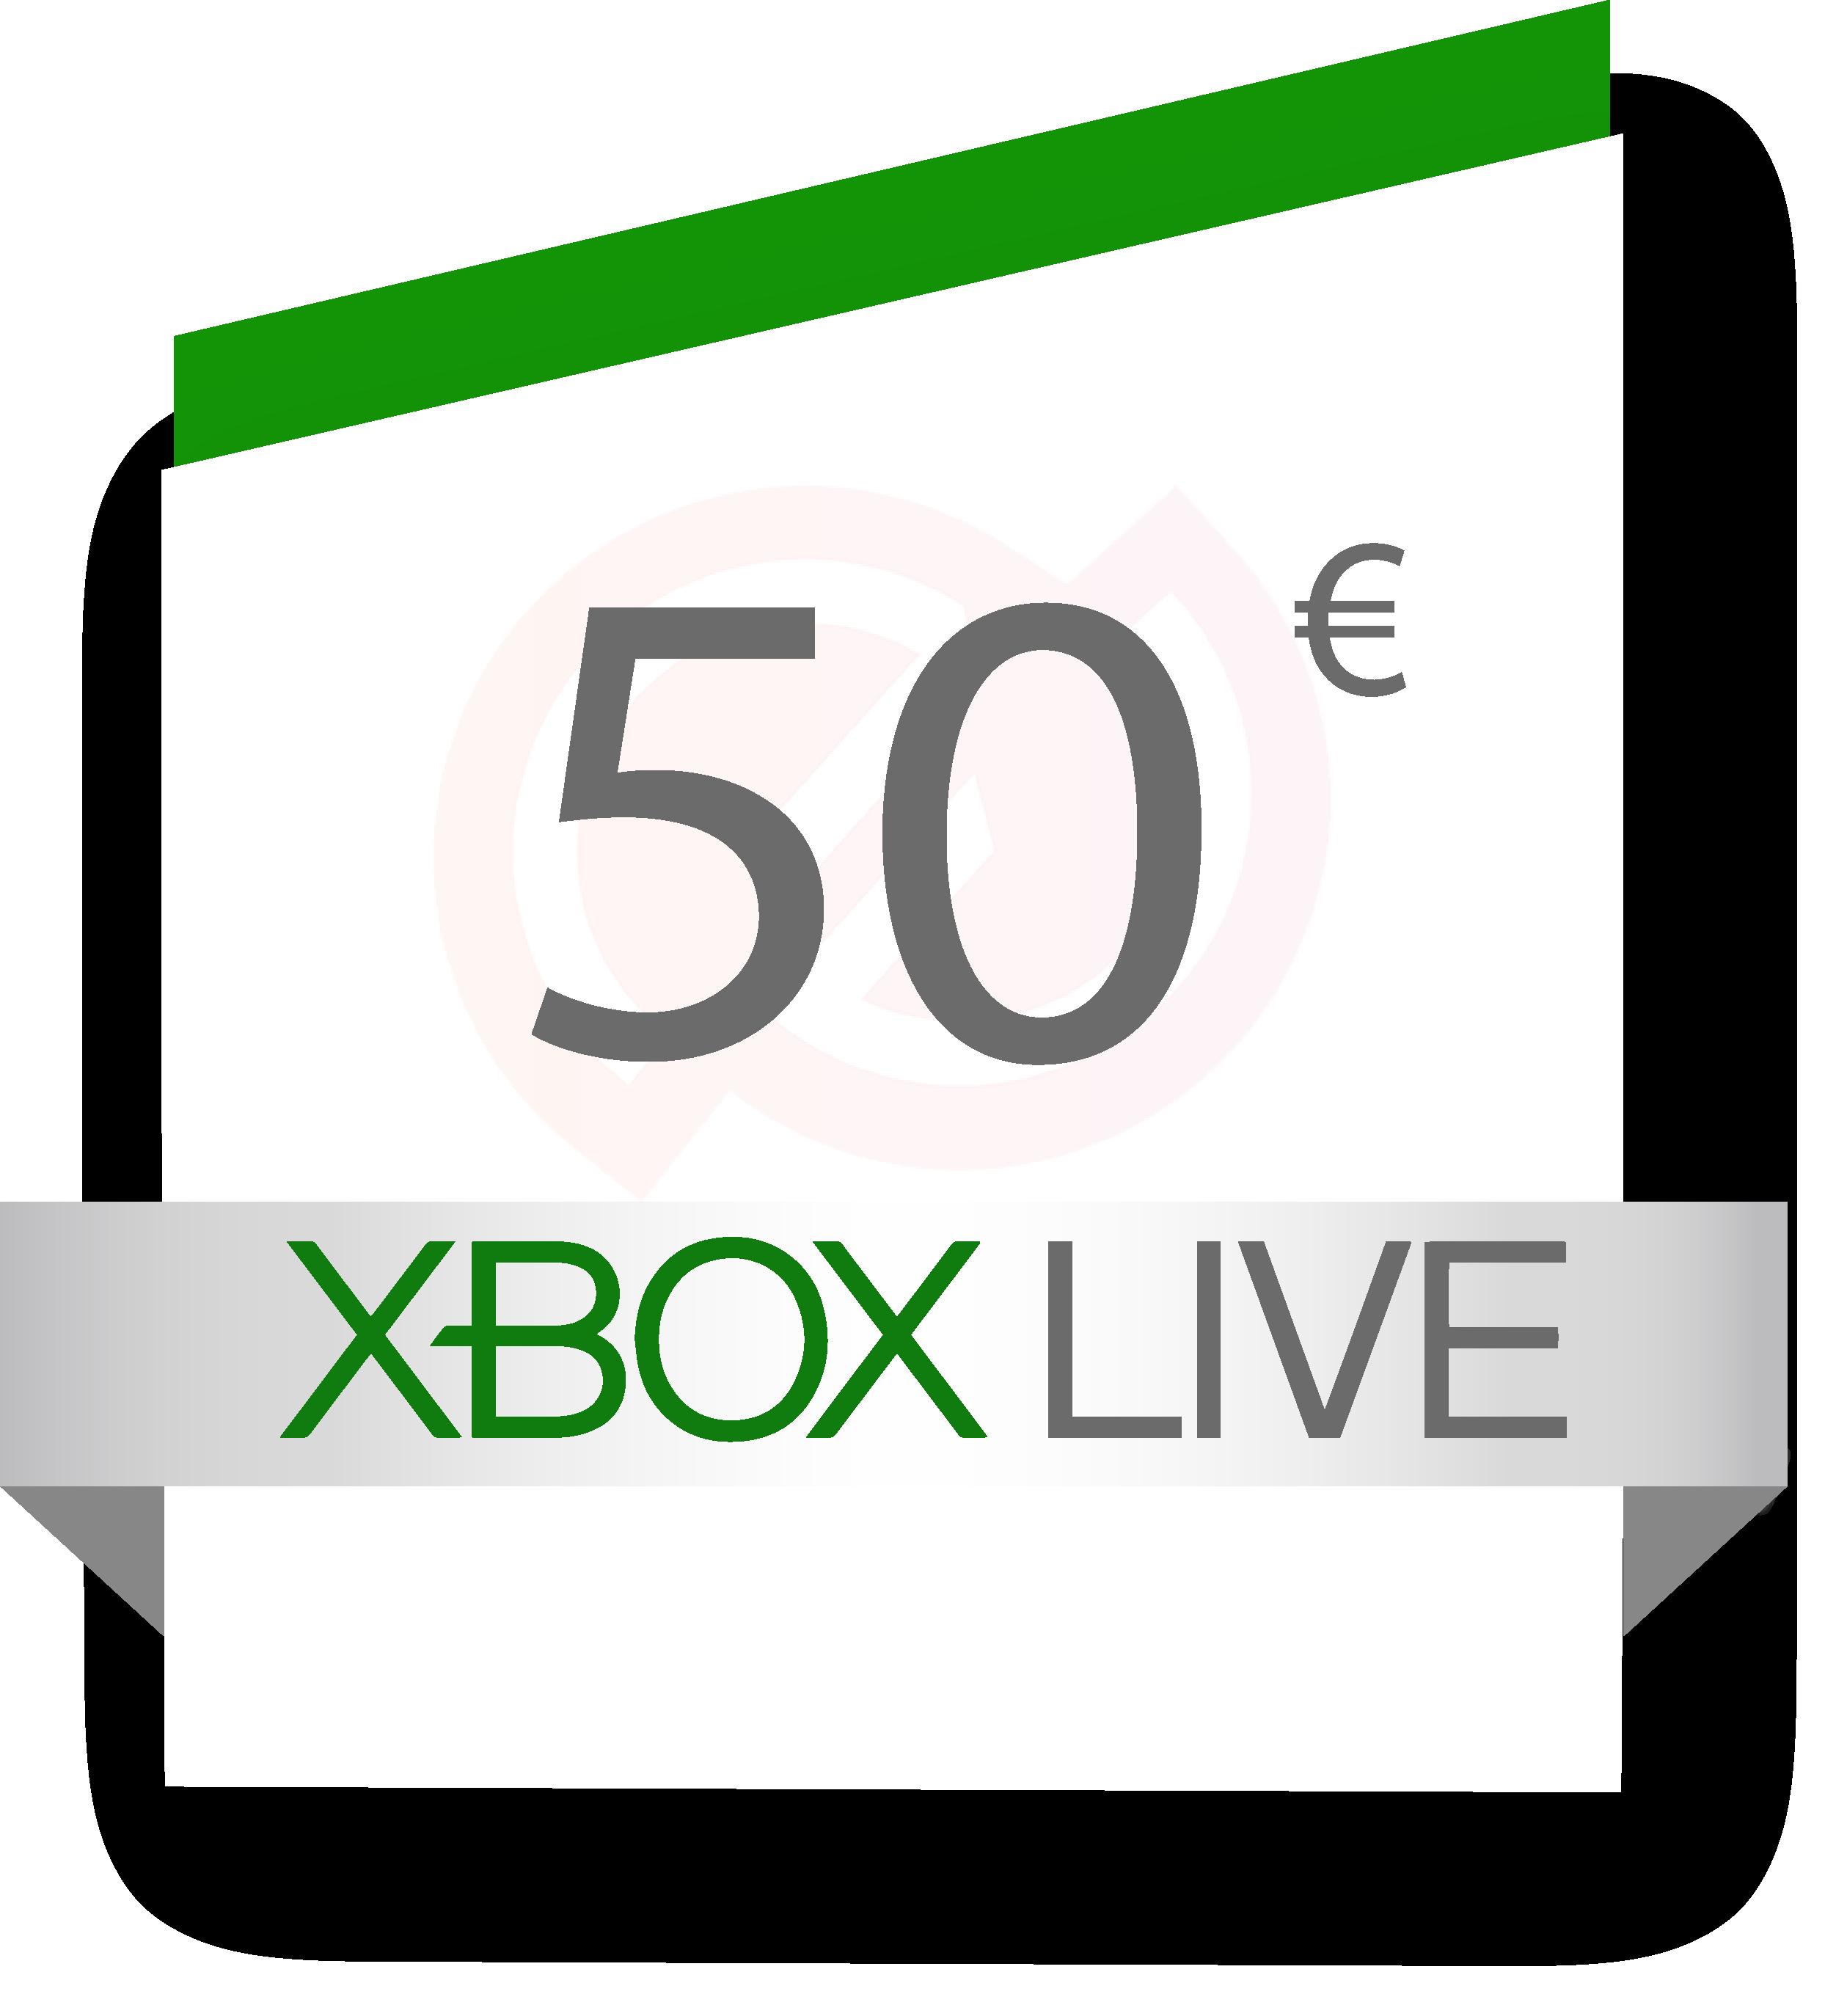 xbox-live-50-euros